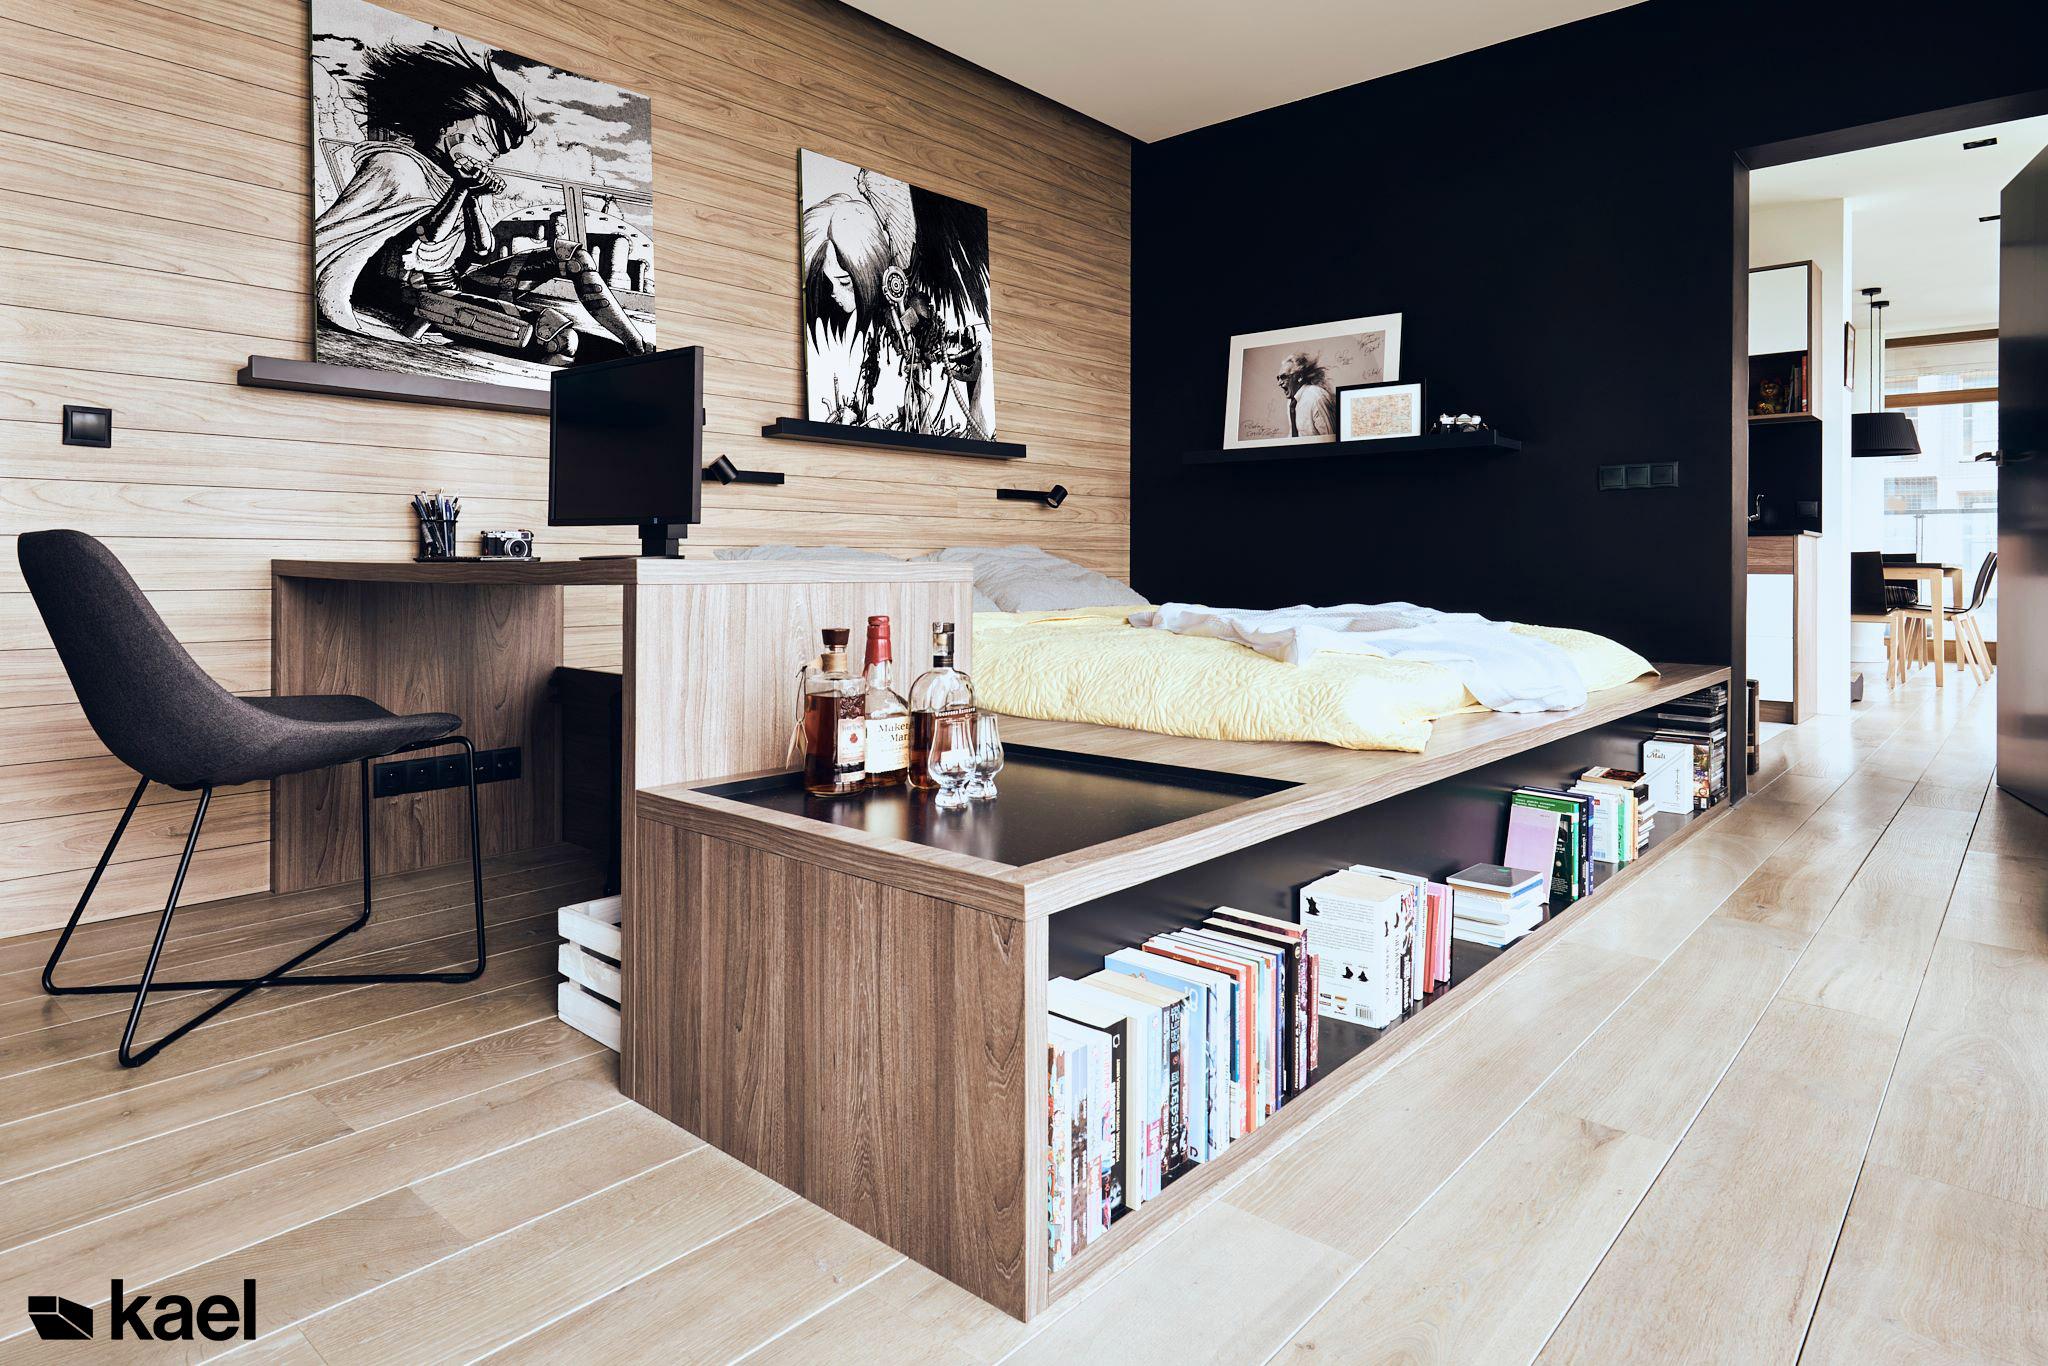 Łóżko z projektowanym biurkiem